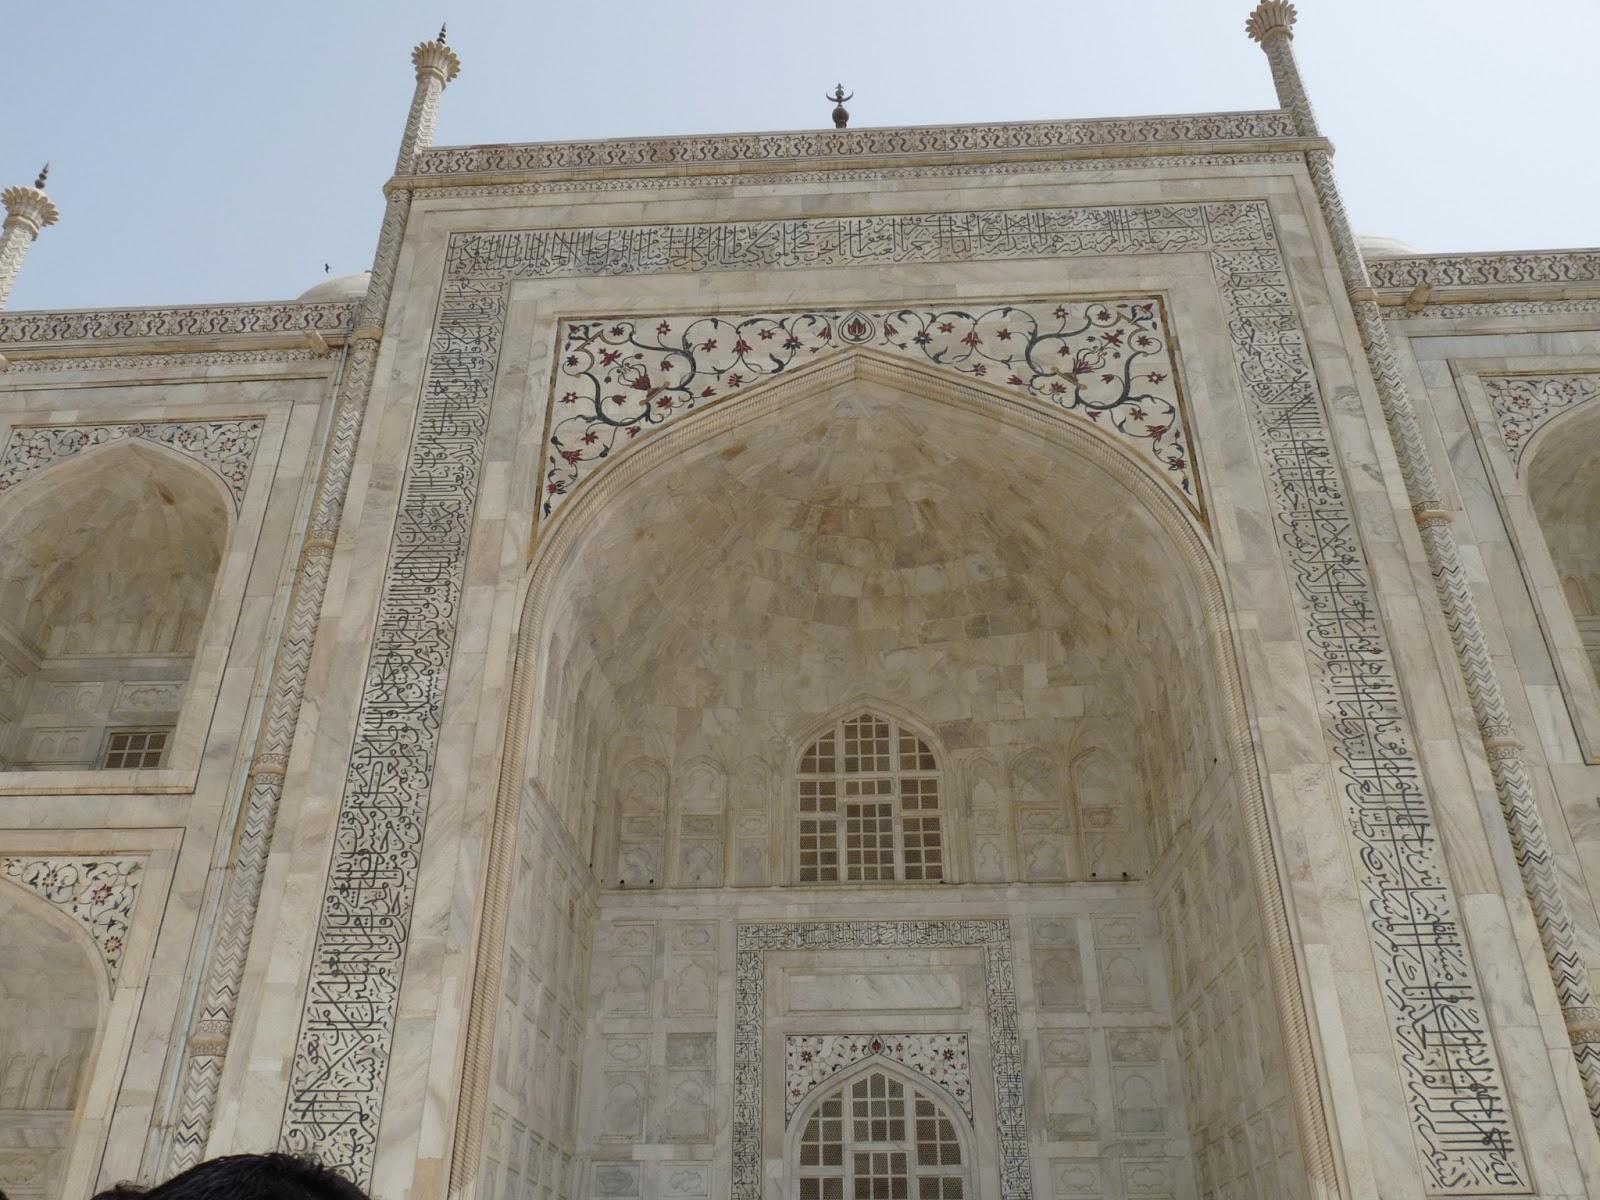 Descubriendo en familia: Día 14. Taj Mahal, una historia de amor